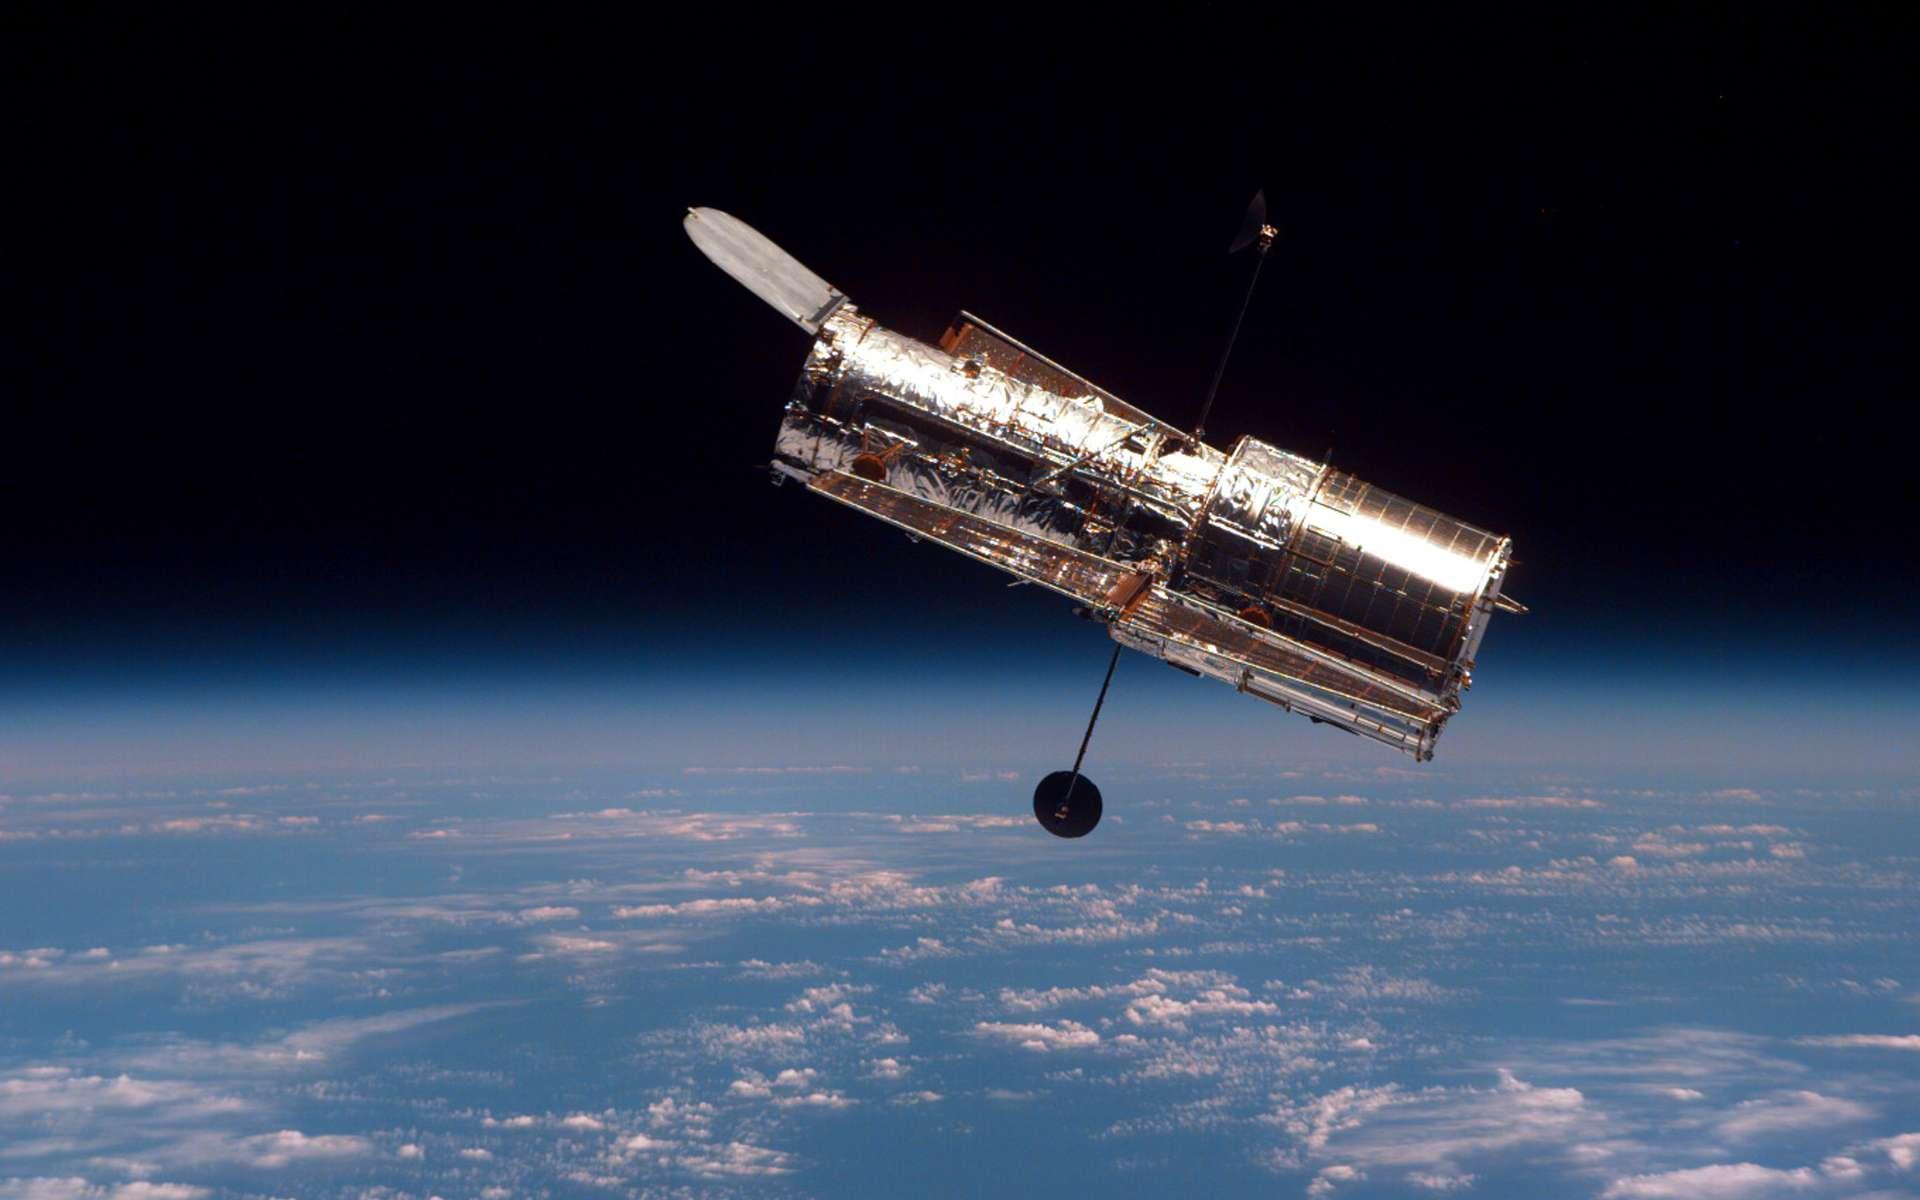 Le 25 avril 1990, l'équipage de Discovery déploie le télescope spatial Hubble à quelque 550 kilomètres au-dessus de la Terre. © Nasa